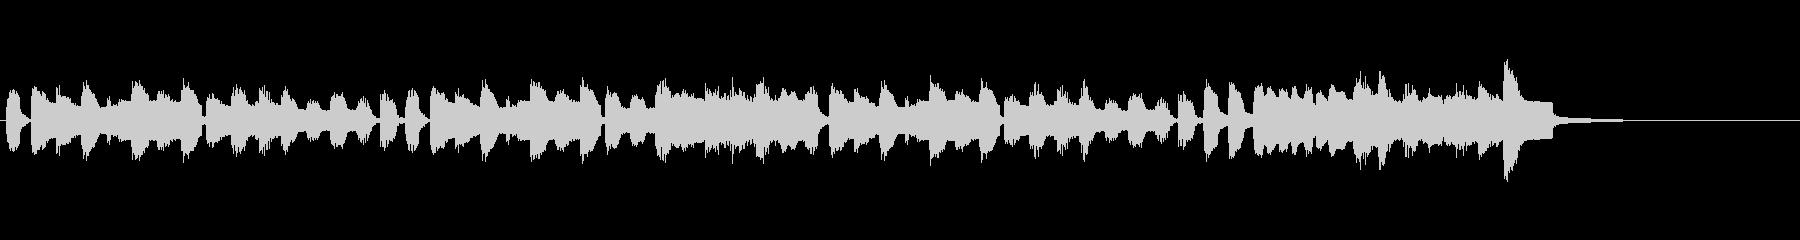 トークBGM 軽快 ジングルCの未再生の波形